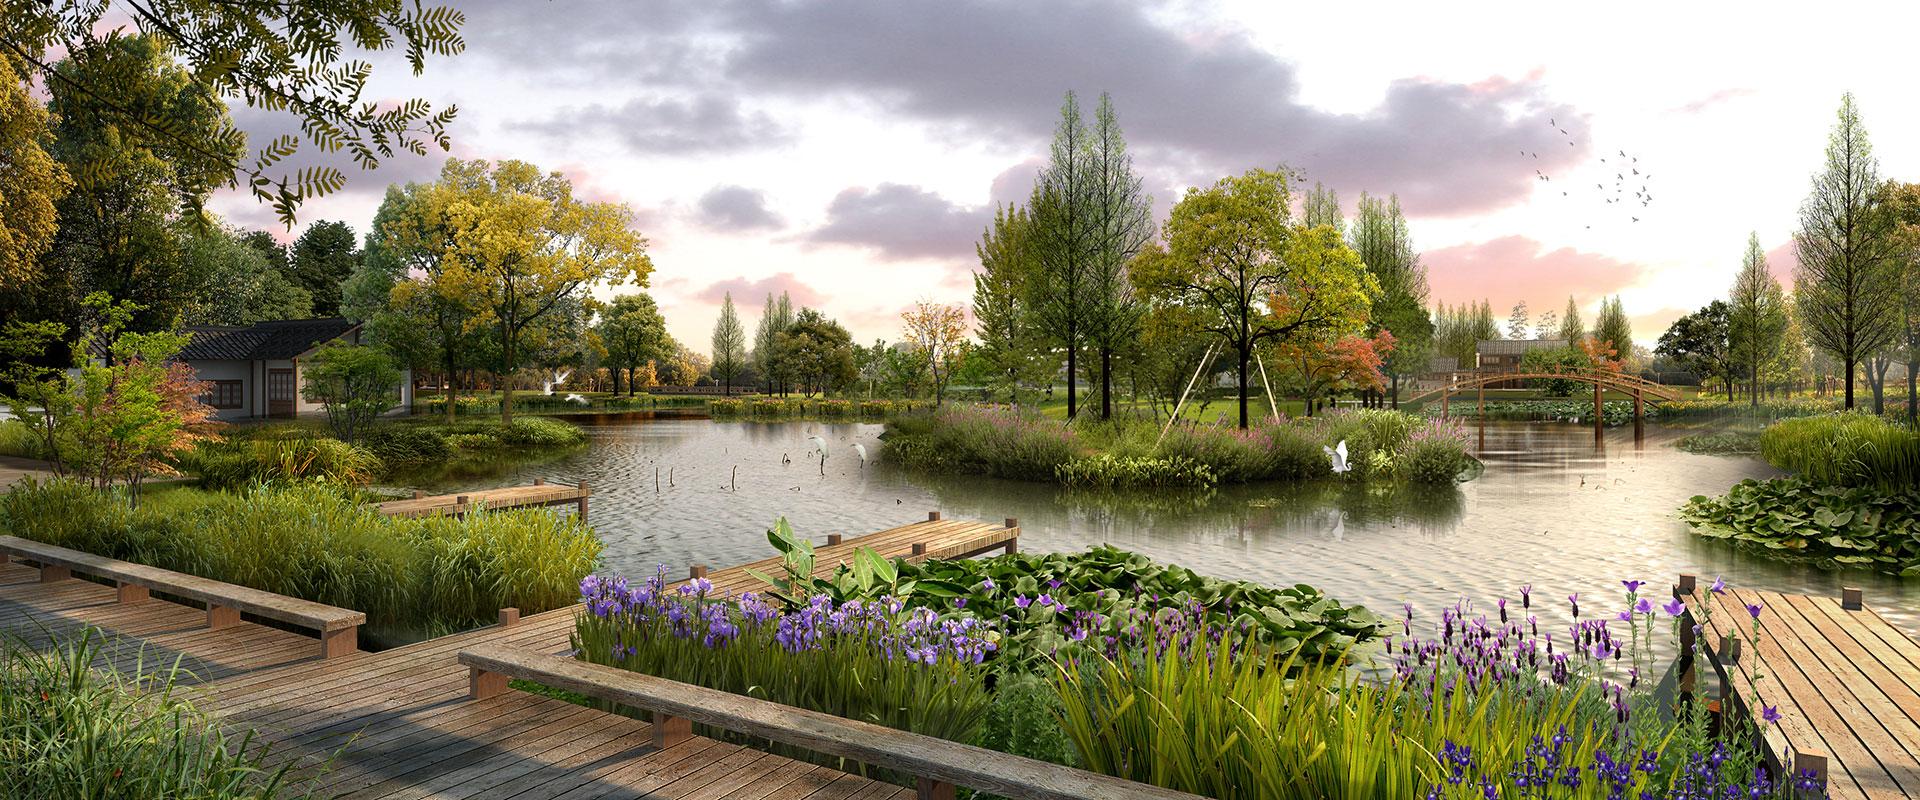 武汉园林绿化,武汉庭院养护